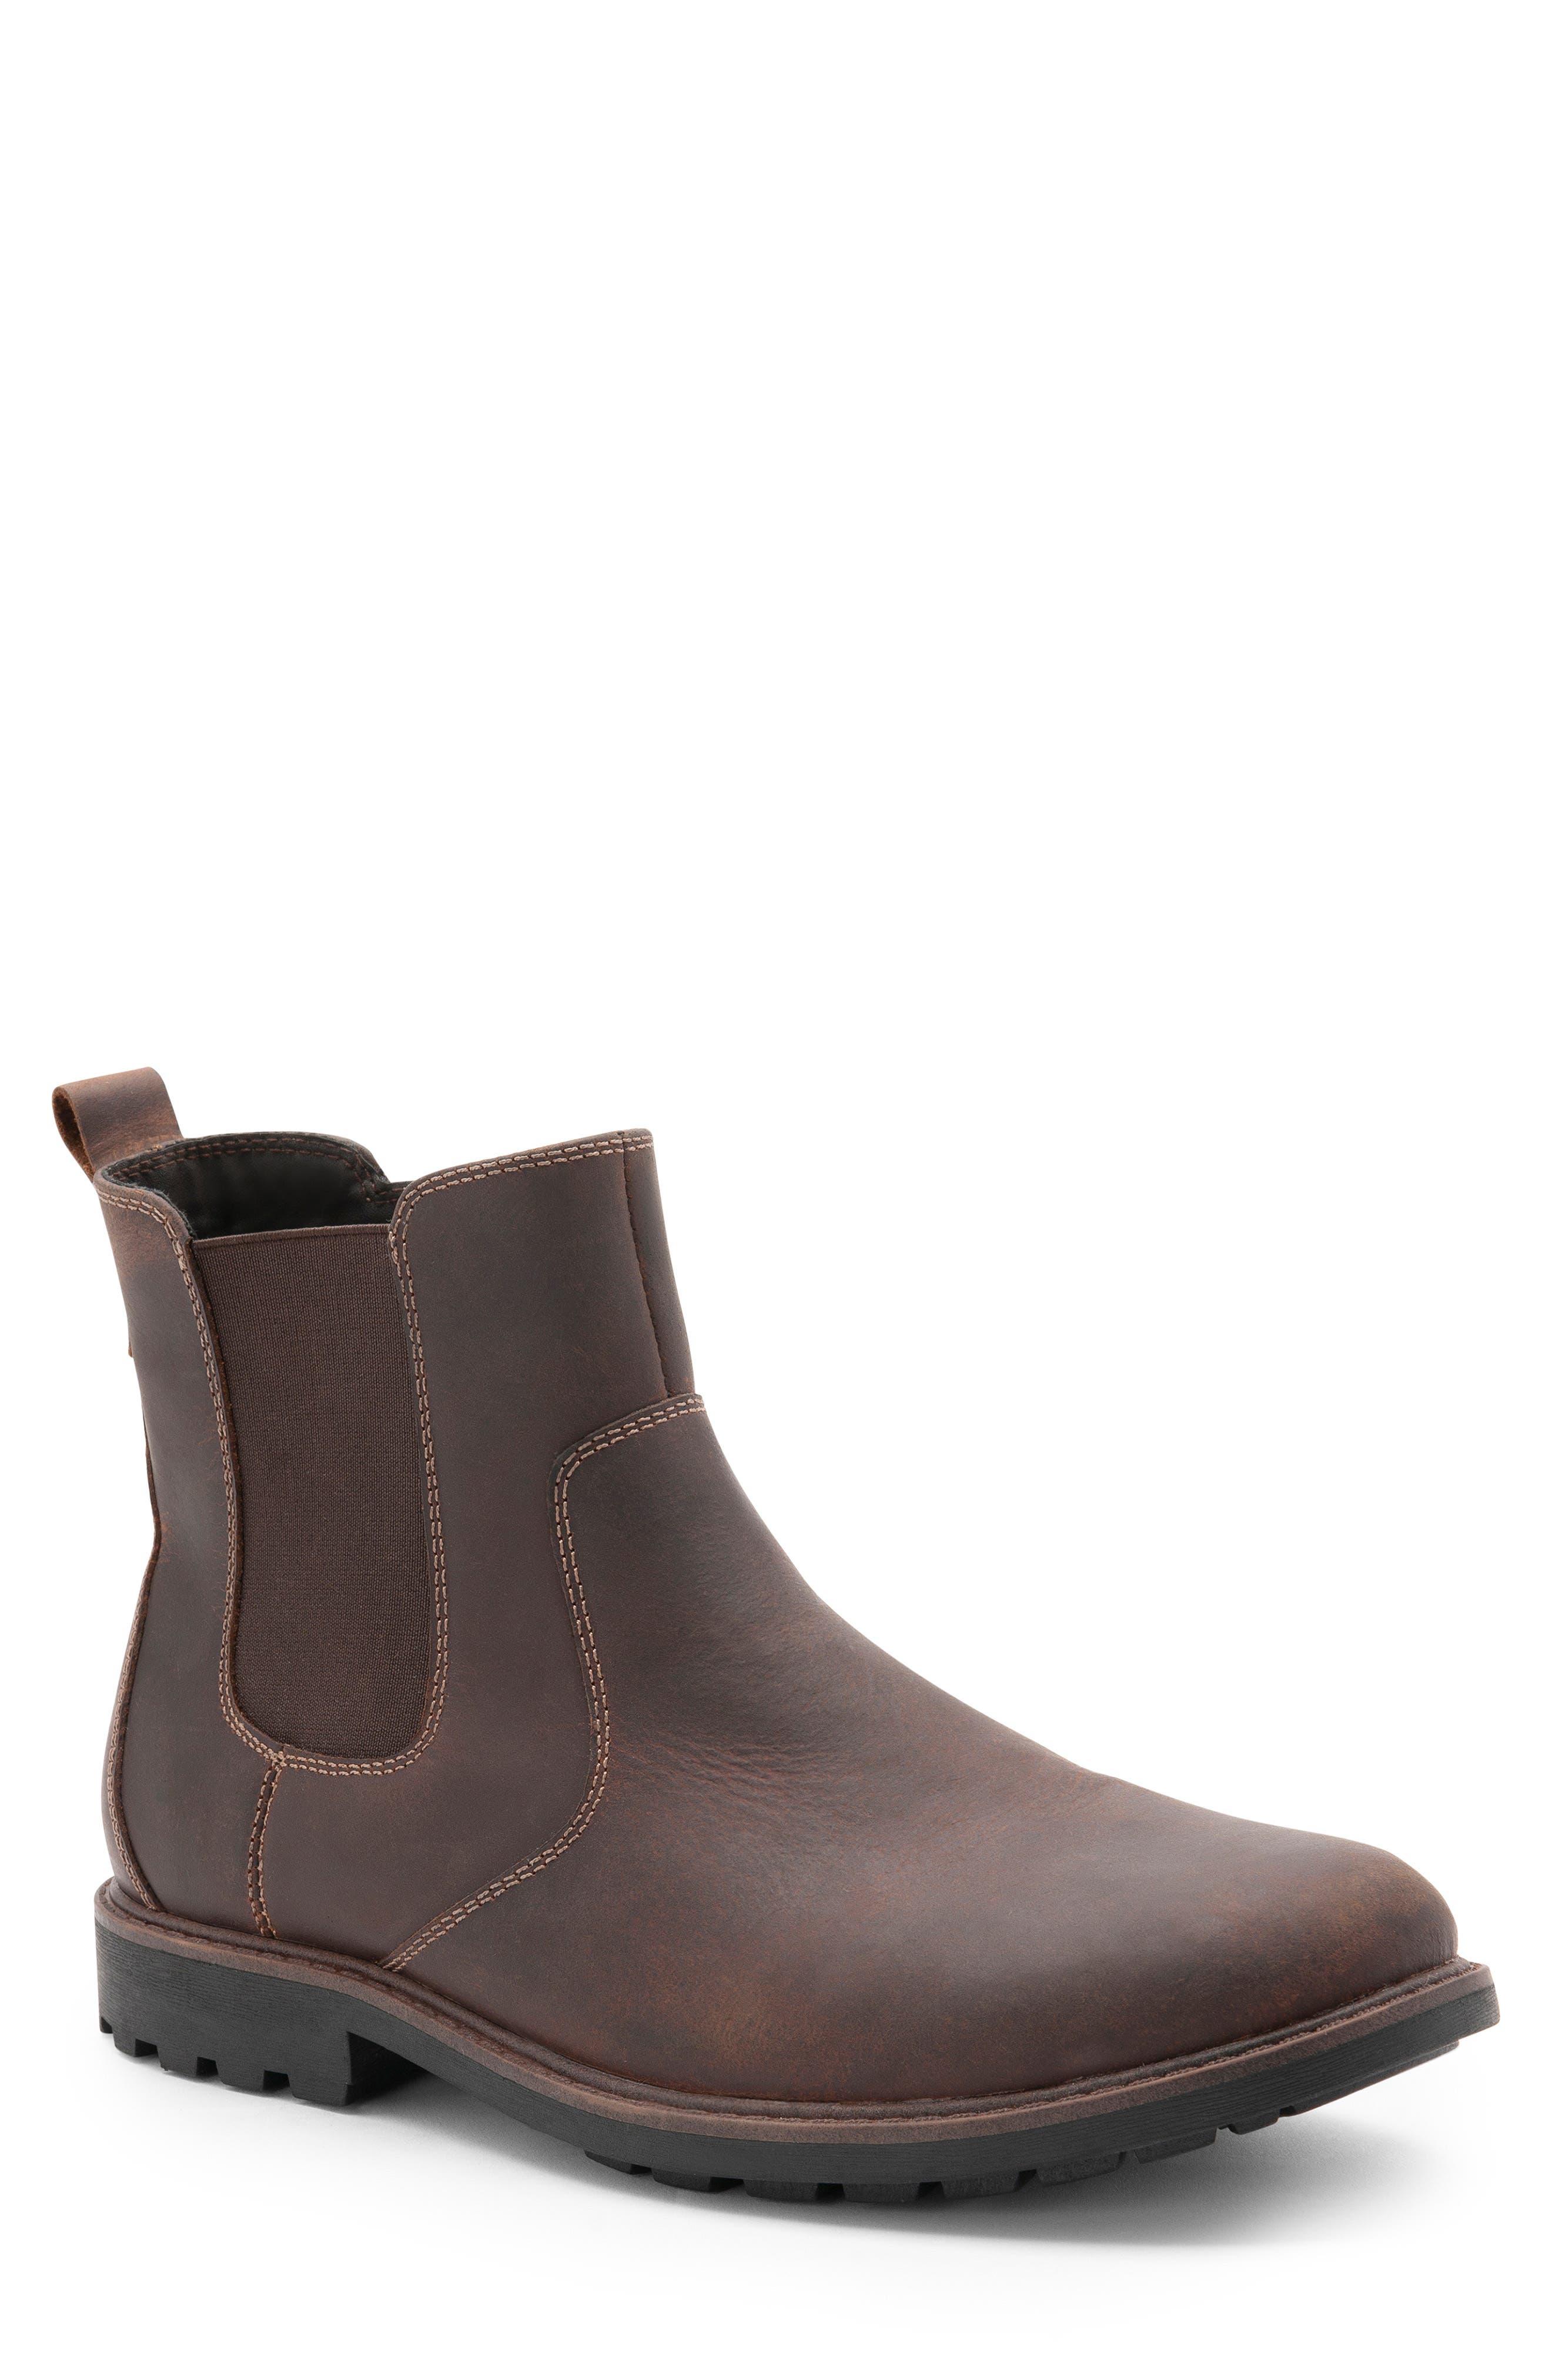 Blondo Shadow Waterproof Chelsea Boot, Brown